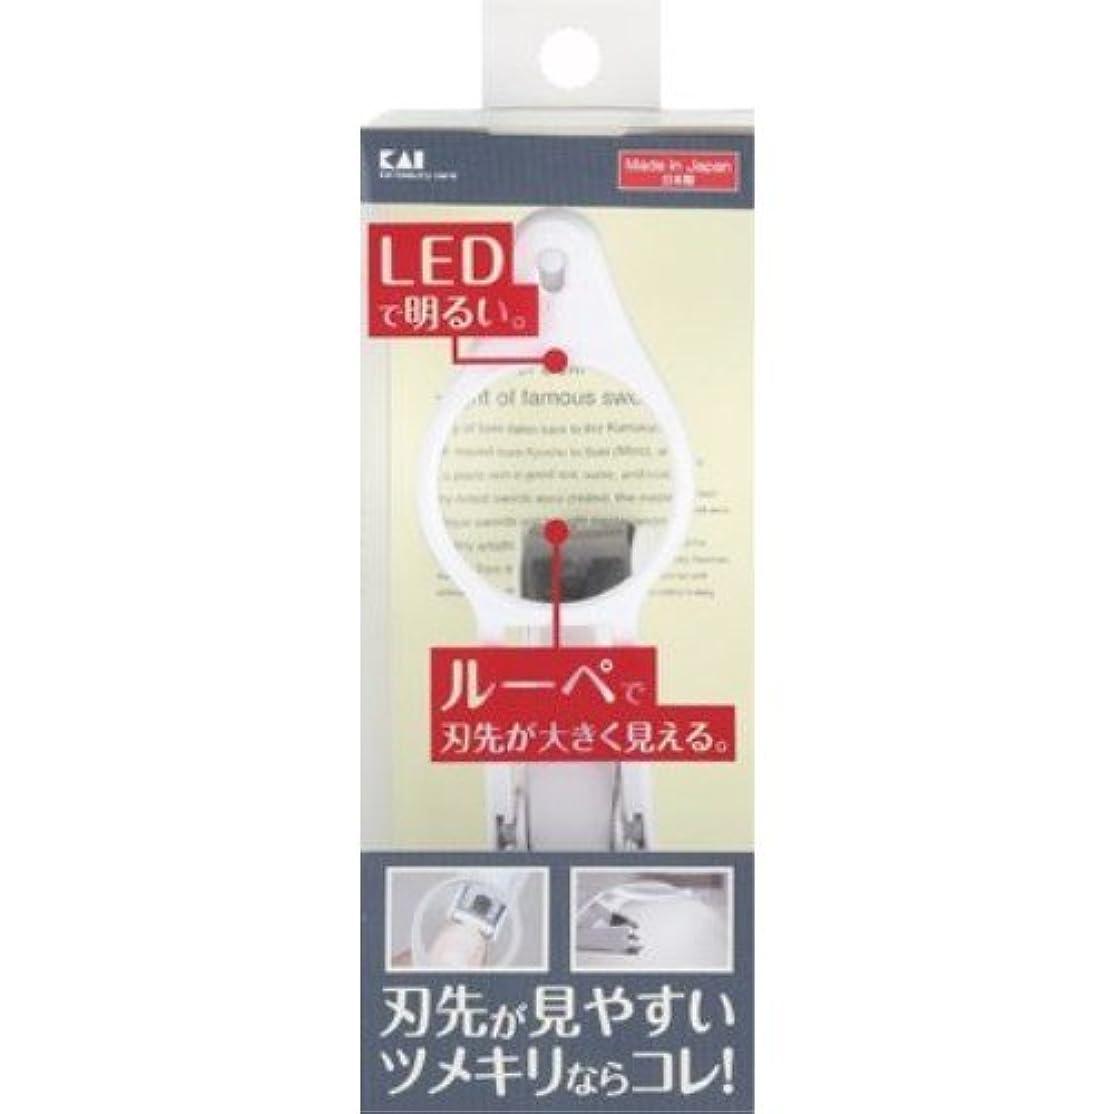 軽減受け皿カバー貝印 LEDルーペ付きツメキリ KQ0334